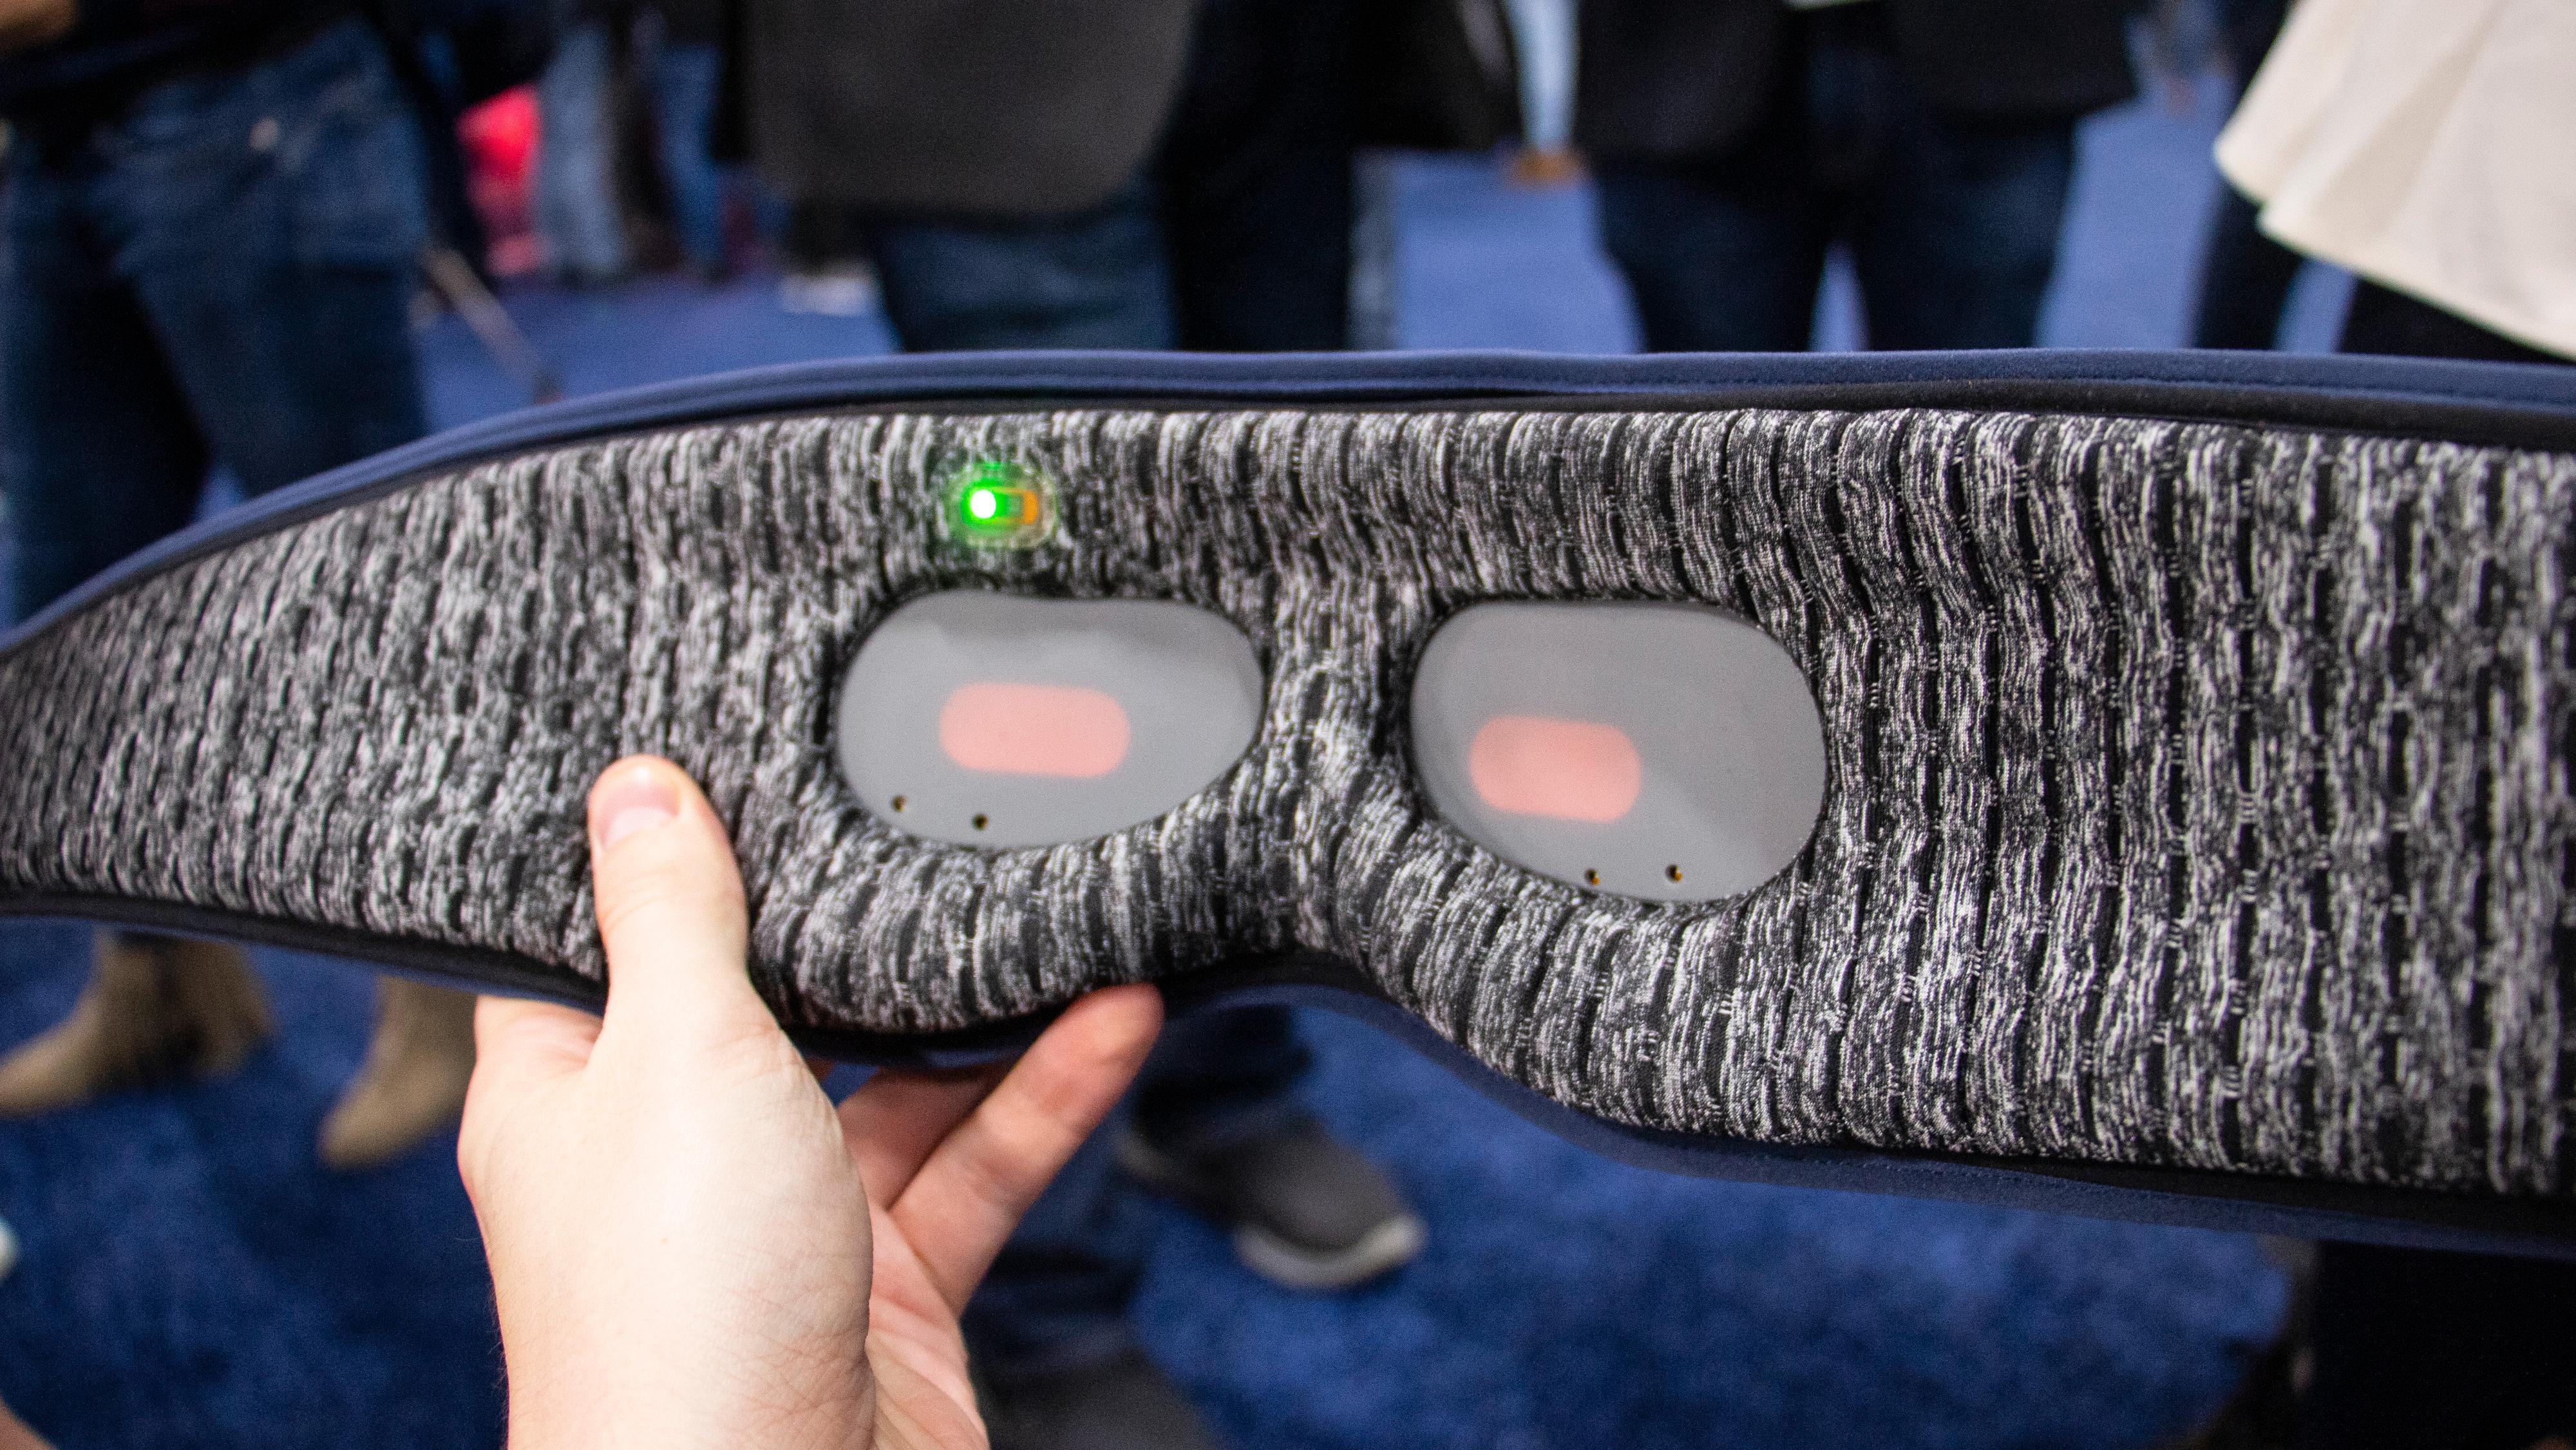 Det er disse panelene som lyser opp øyelokkene dine. Det grønne lyset brukes til å registrere søvnen din.